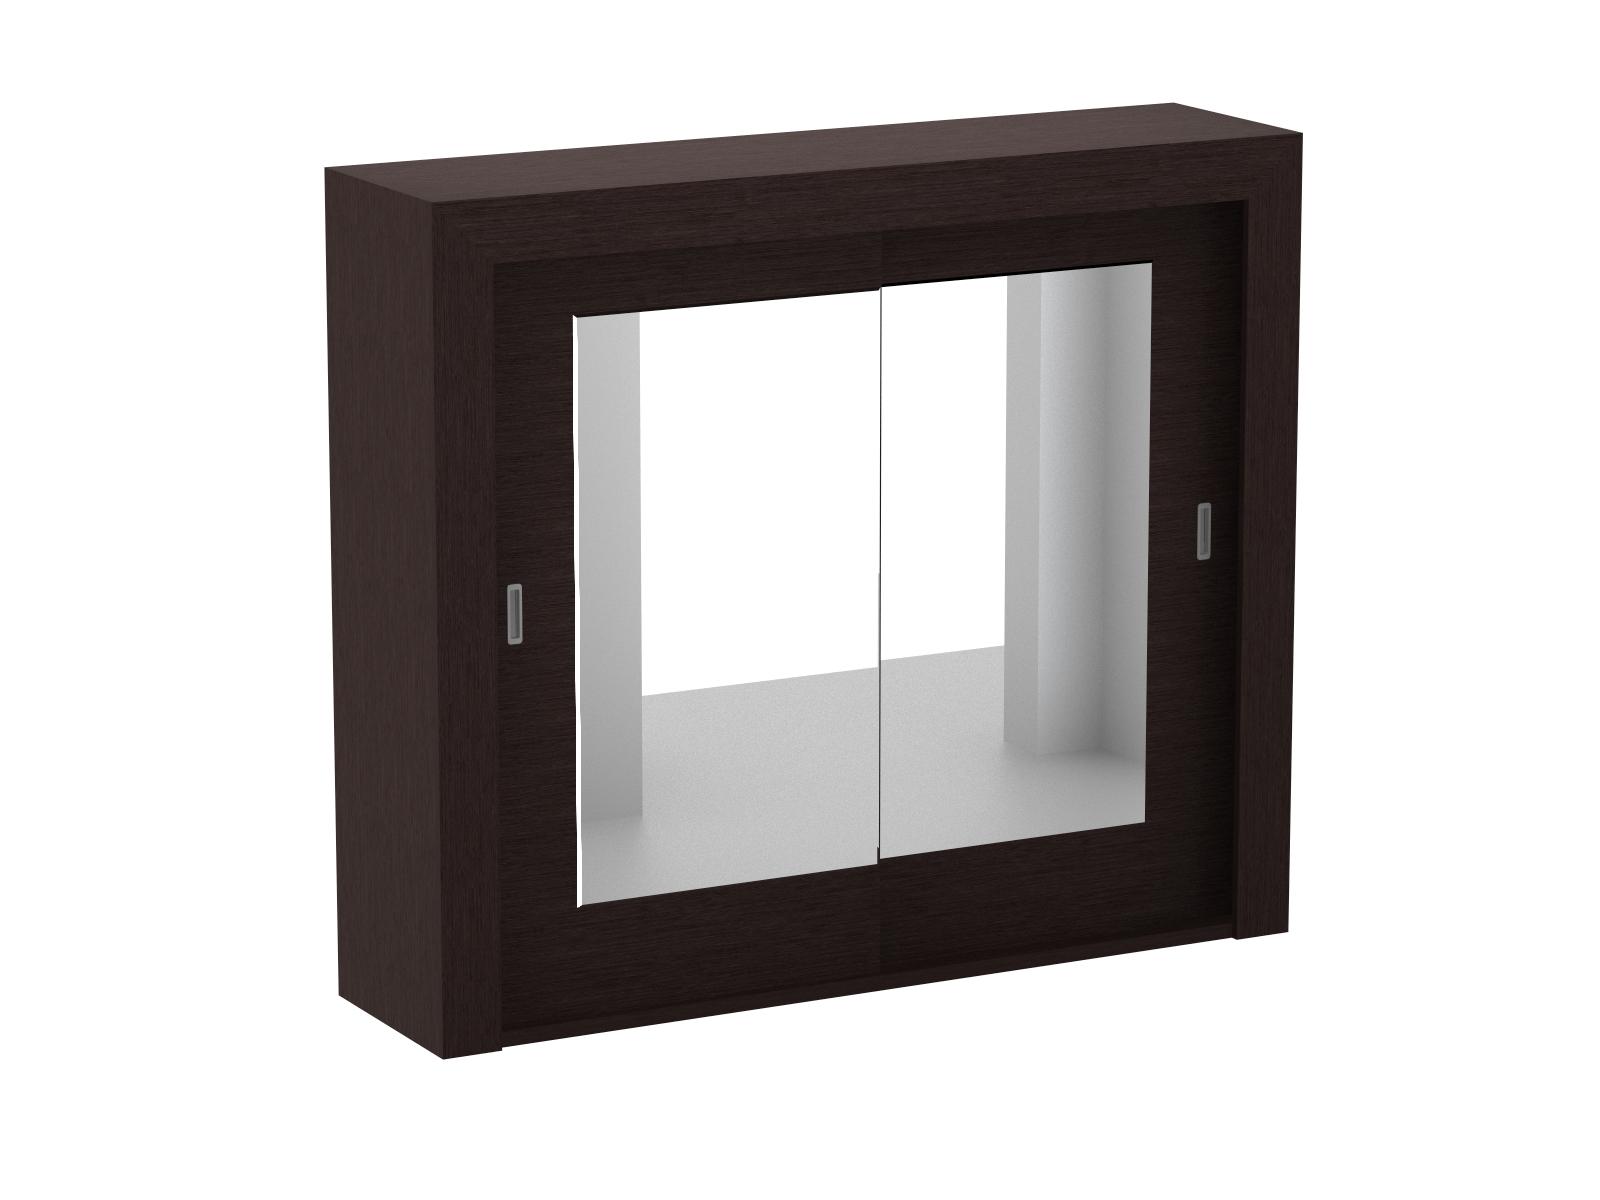 Шкаф Fiji с зеркальными створками